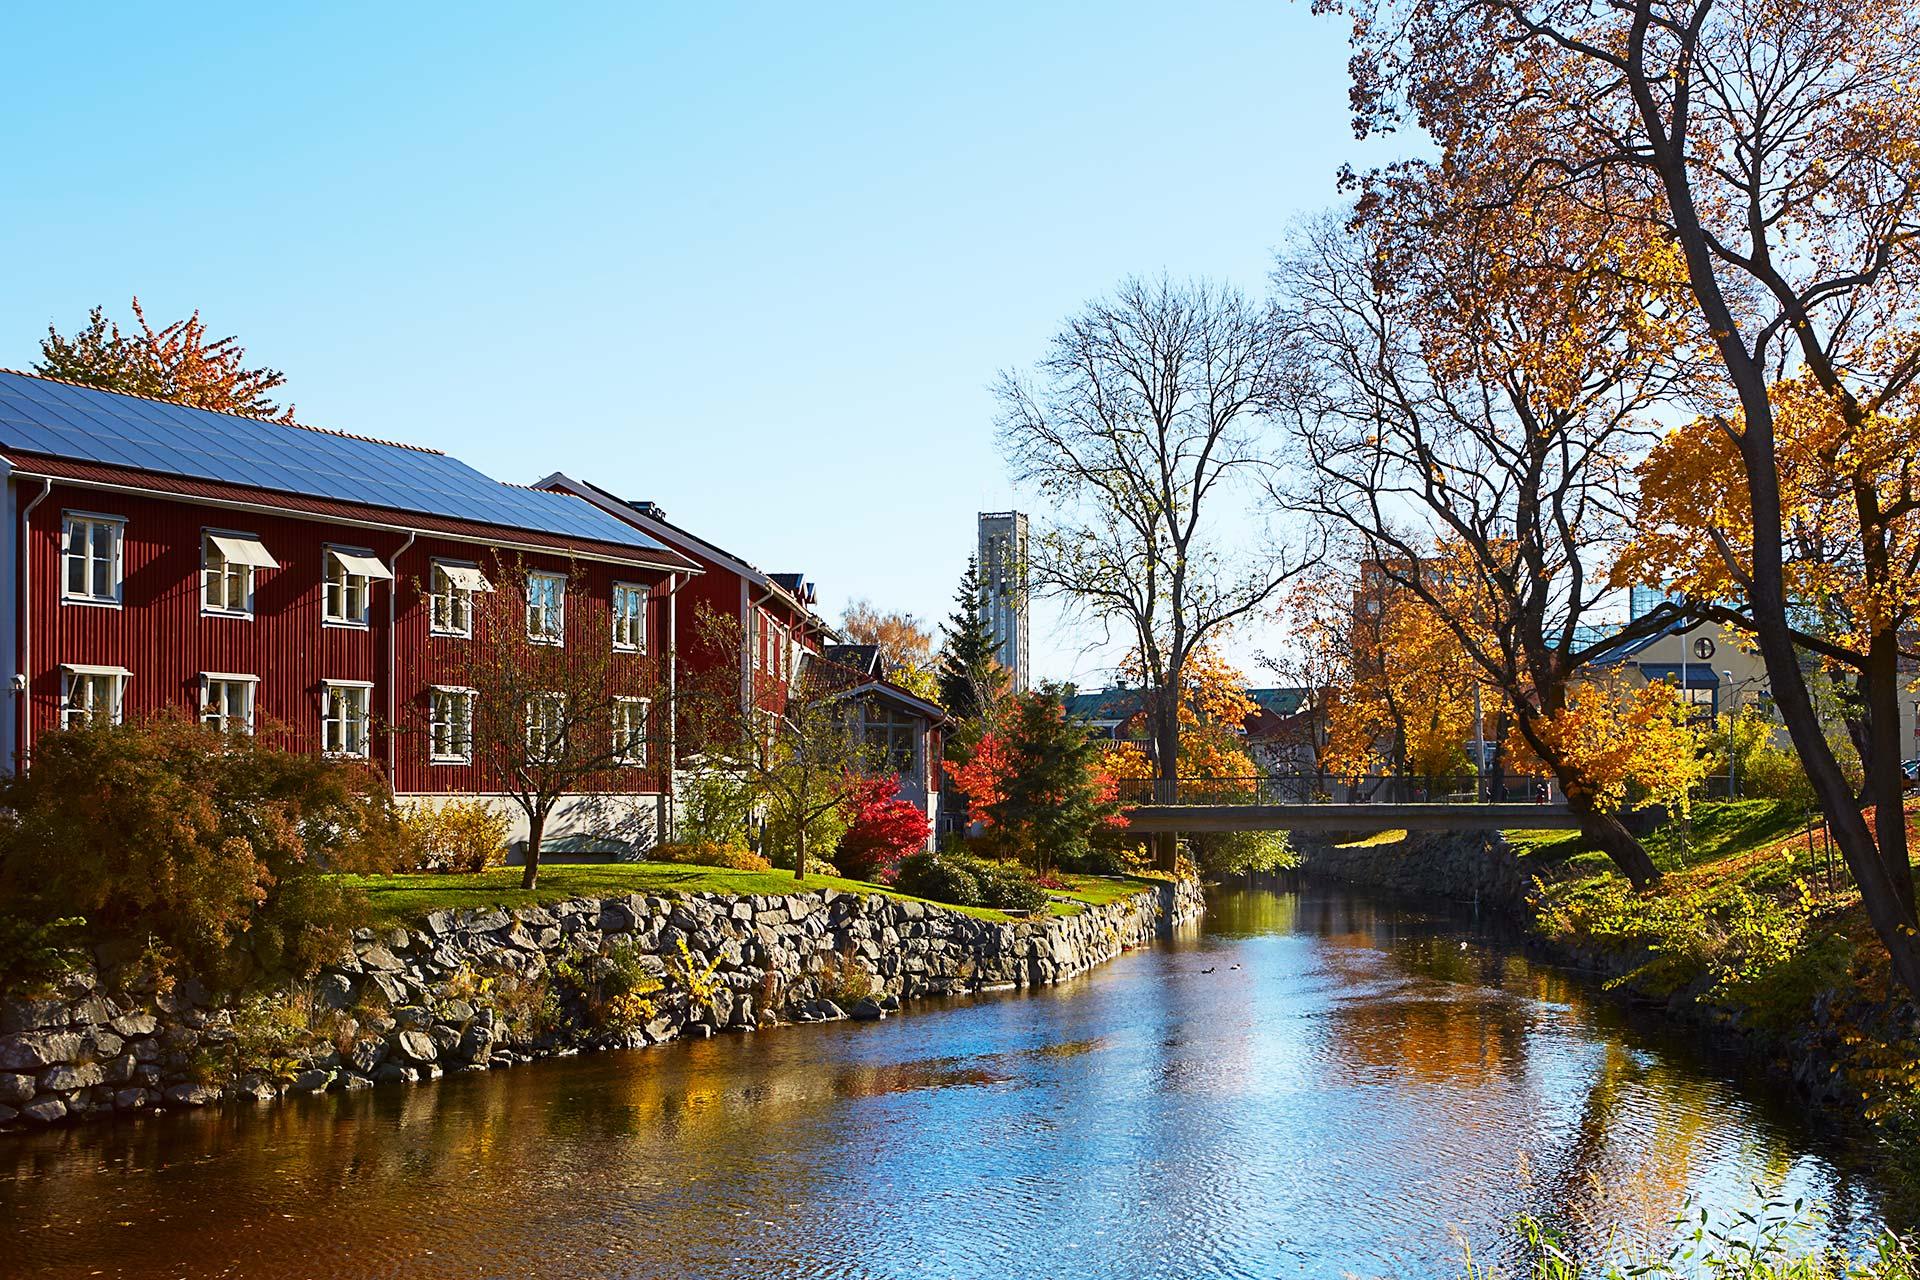 Svartån och Västerås i höstskrud. Fotograf: Kristoffer Hasselberg